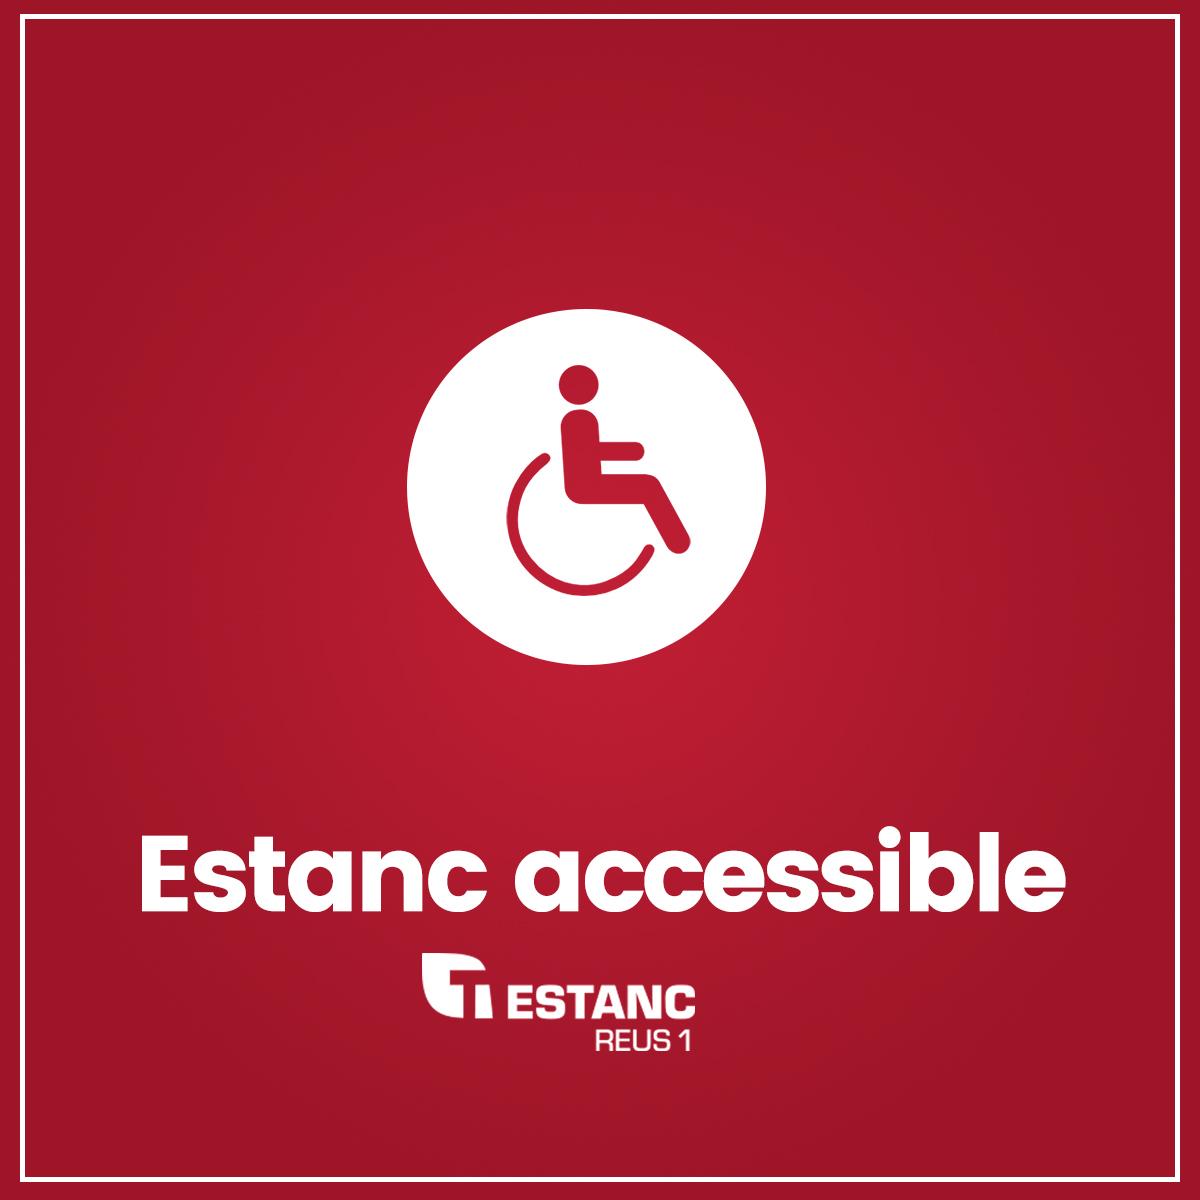 estanc-accessible